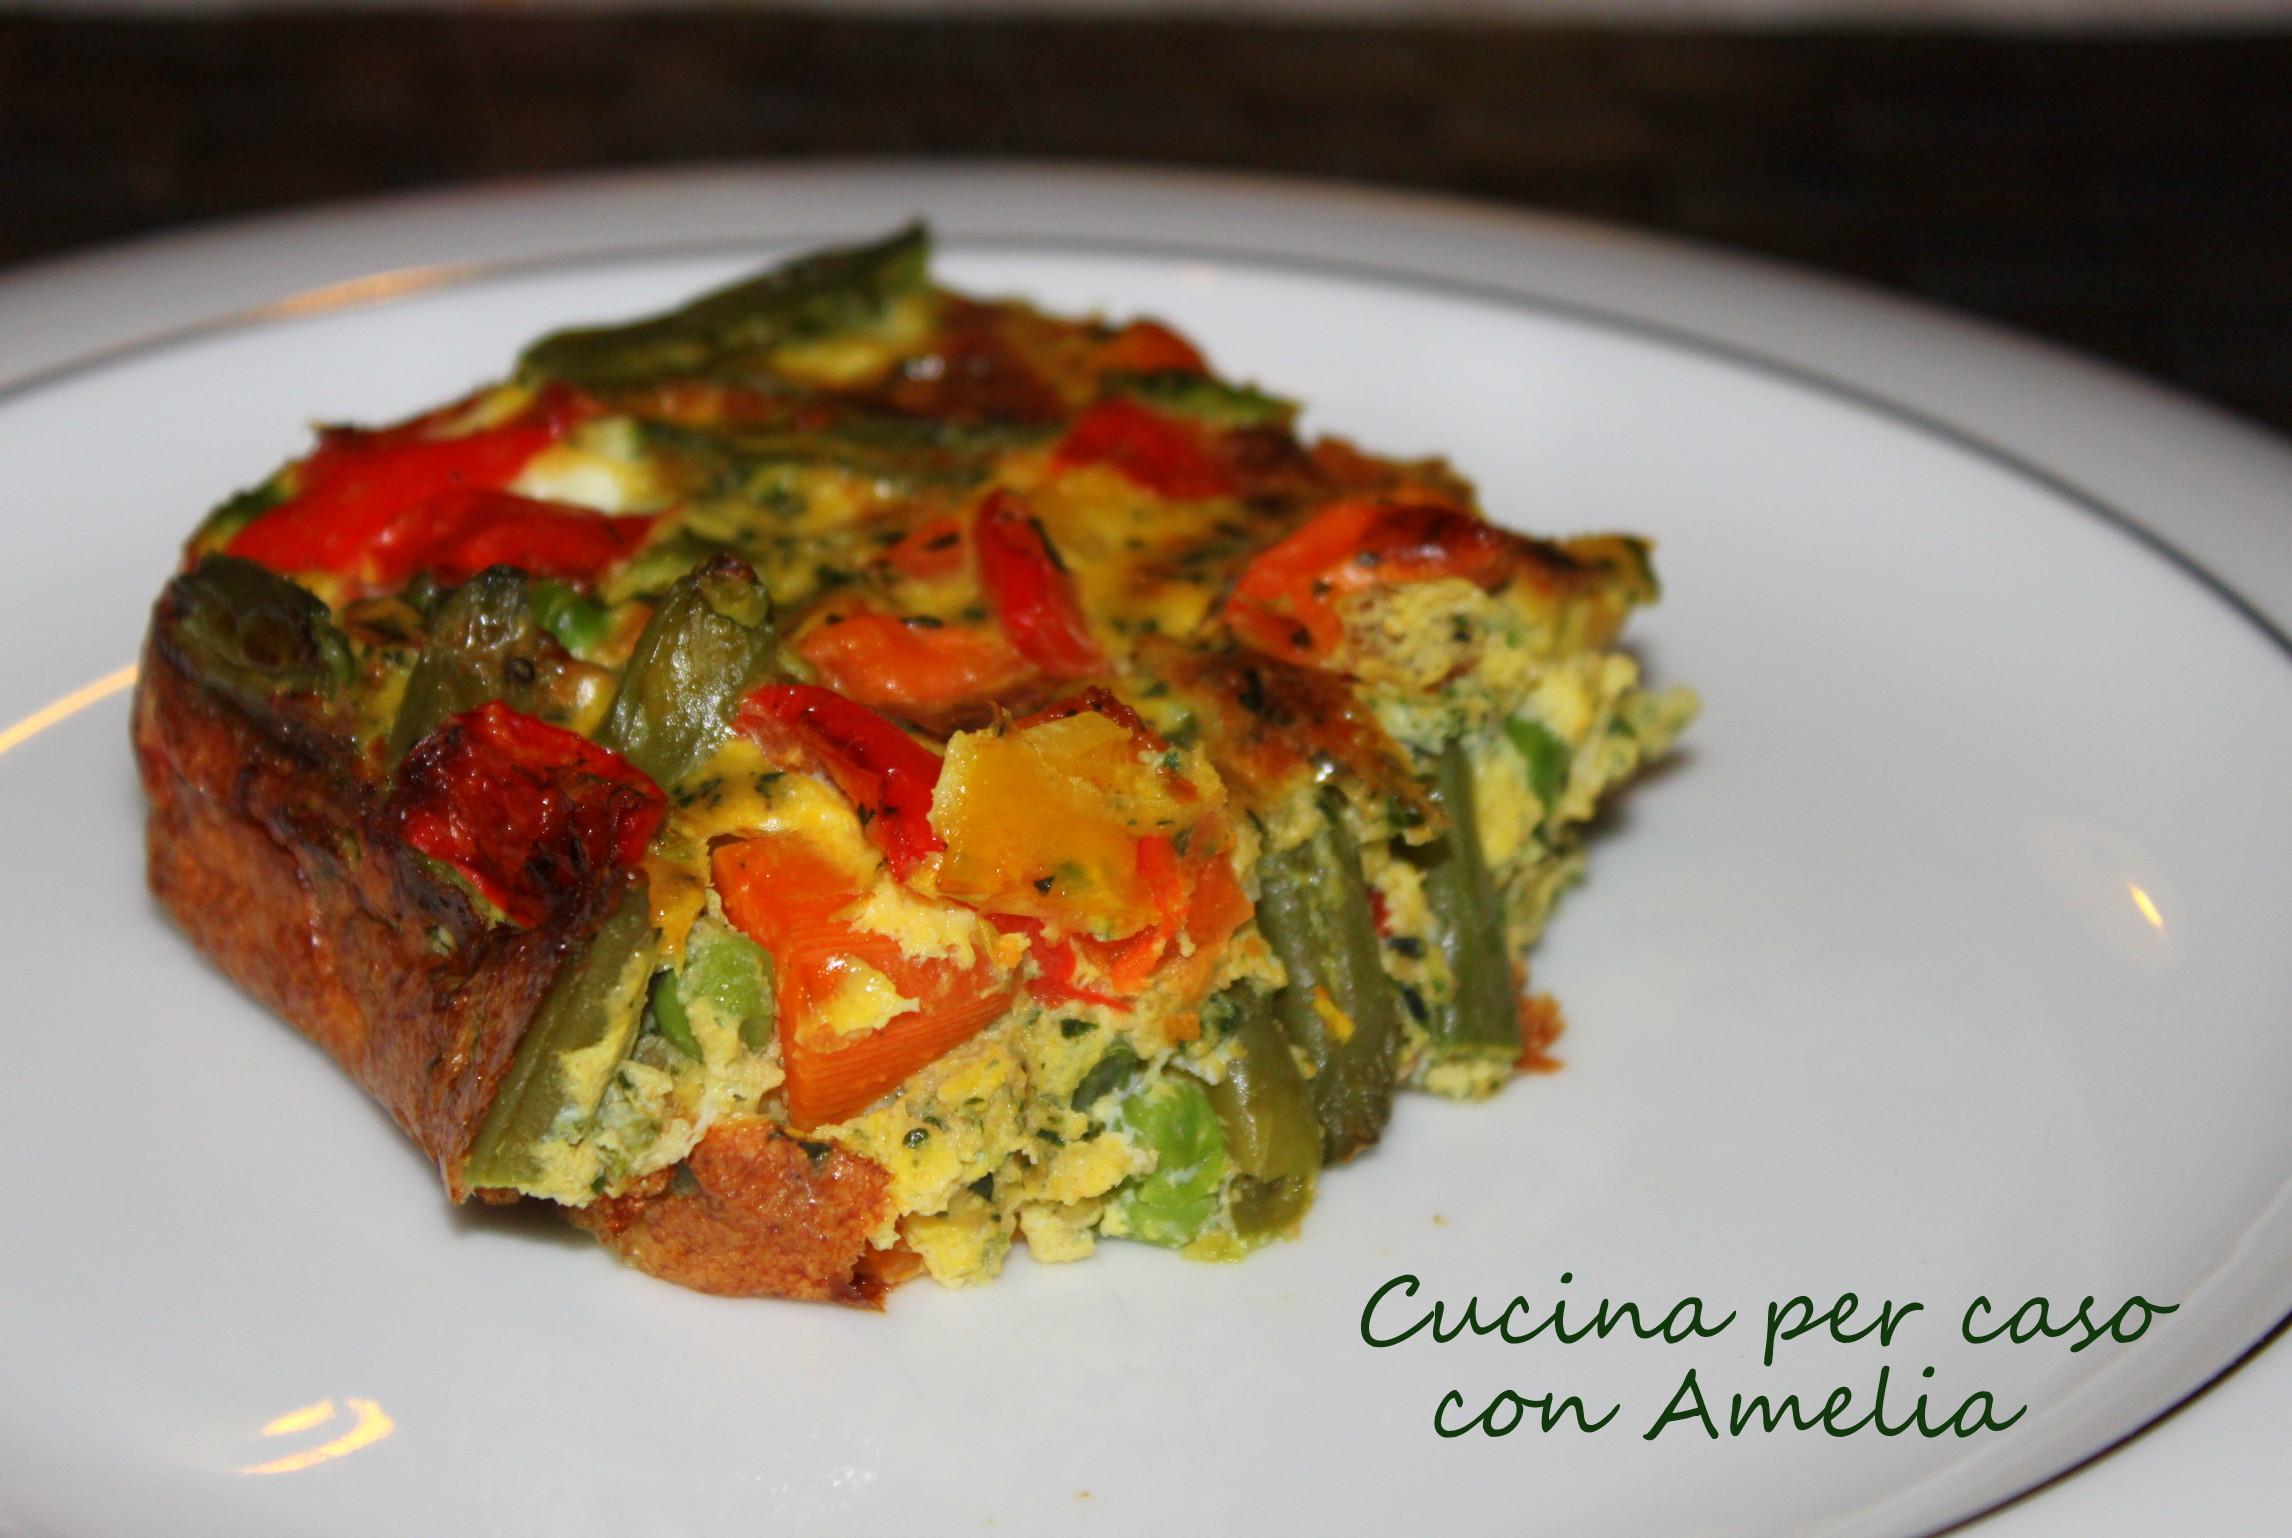 Tortino di verdure ricetta light cucina per caso con amelia for Cucina light